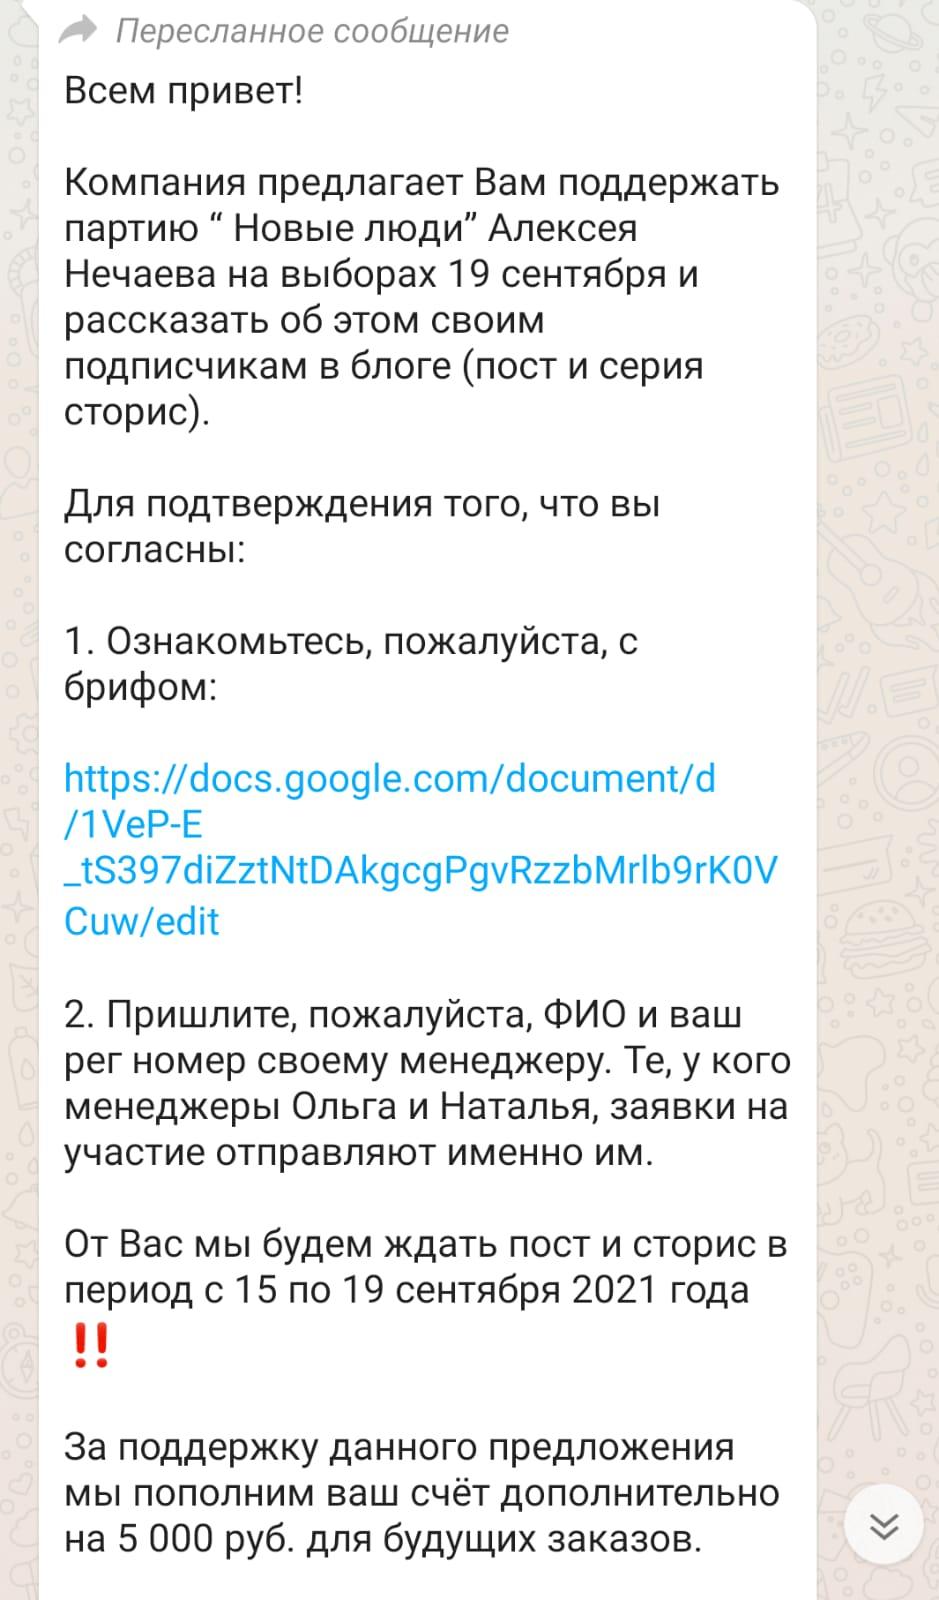 WhatsApp-Image-2021-09-17-at-12.15.18.jpeg